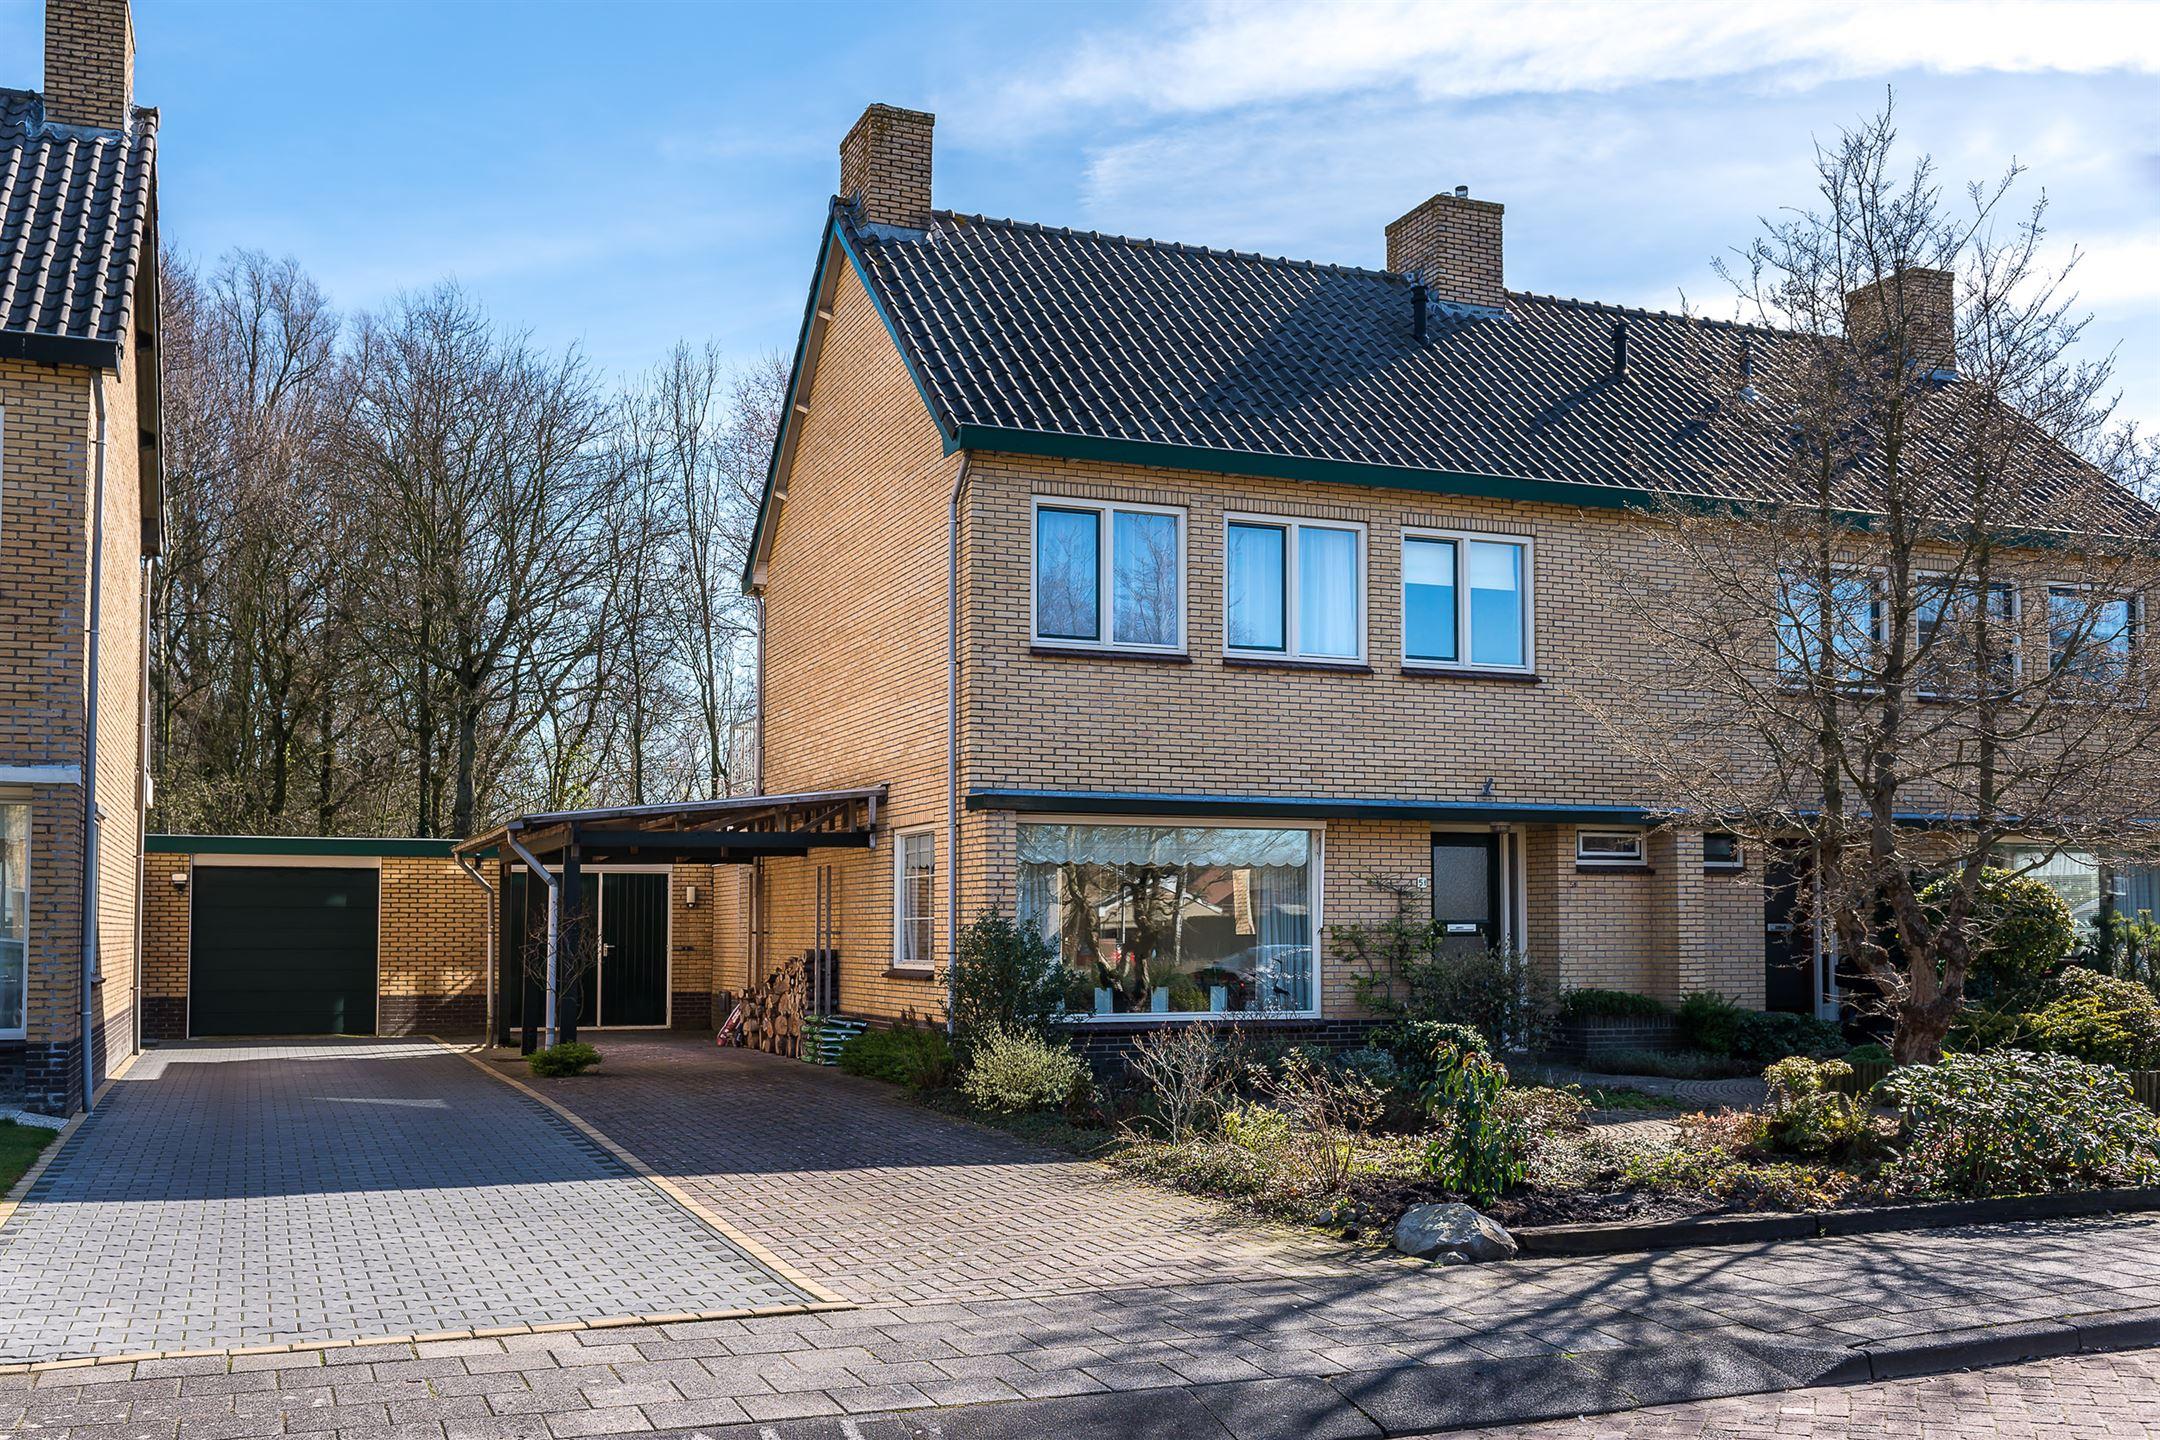 Verkocht de fjord 51 8303 hh emmeloord funda - Huis van de wereld fjord ...